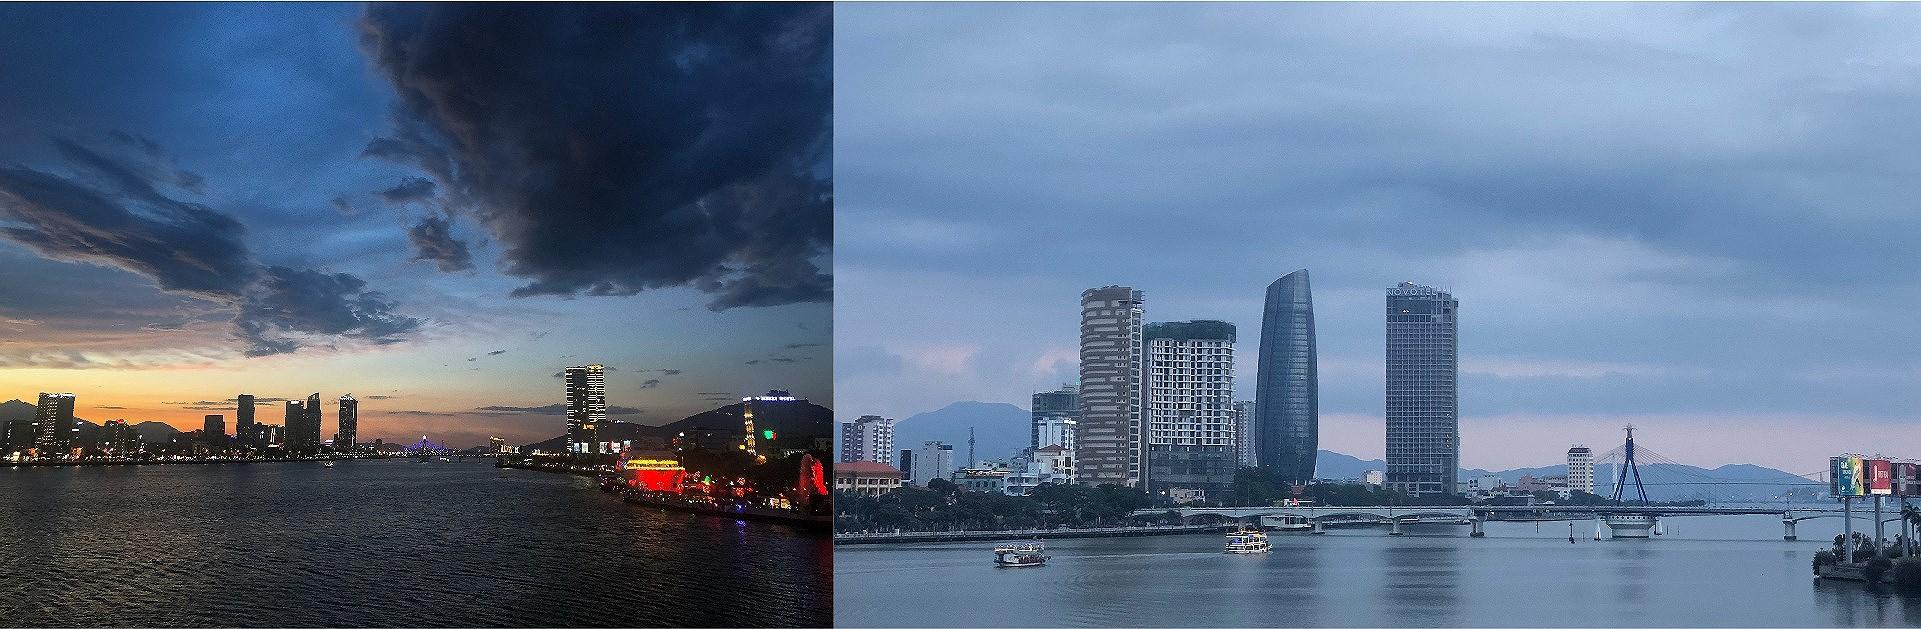 Đà Nẵng qua một năm sóng gió - ảnh 1